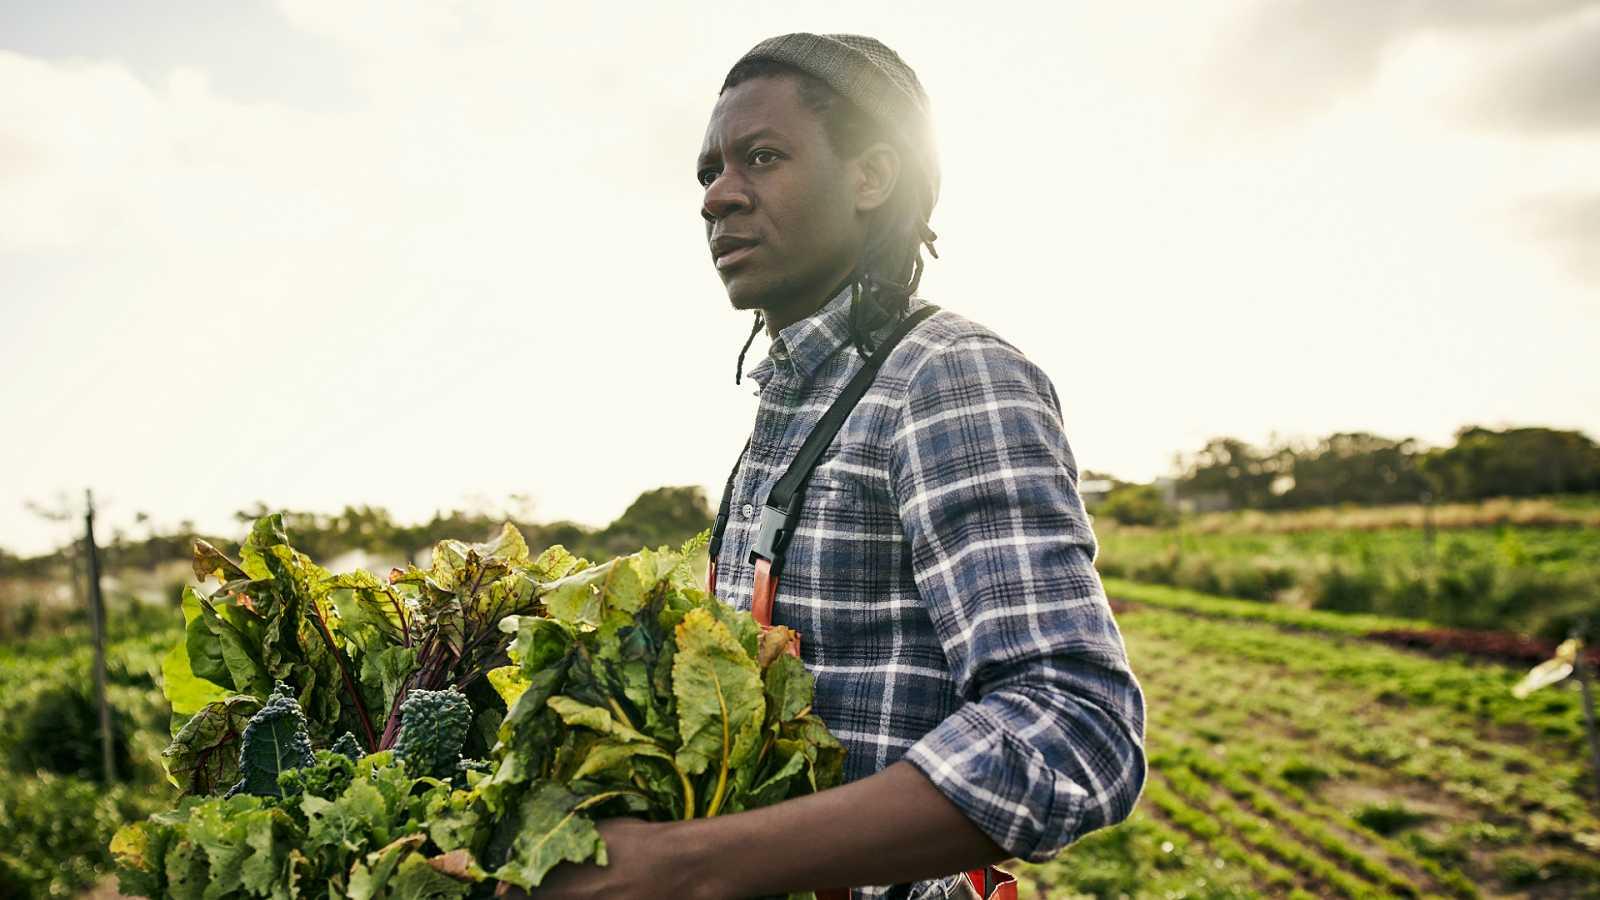 El mundo desde las Casas - Trabajo decente en África - 16/01/20 - Escuchar ahora